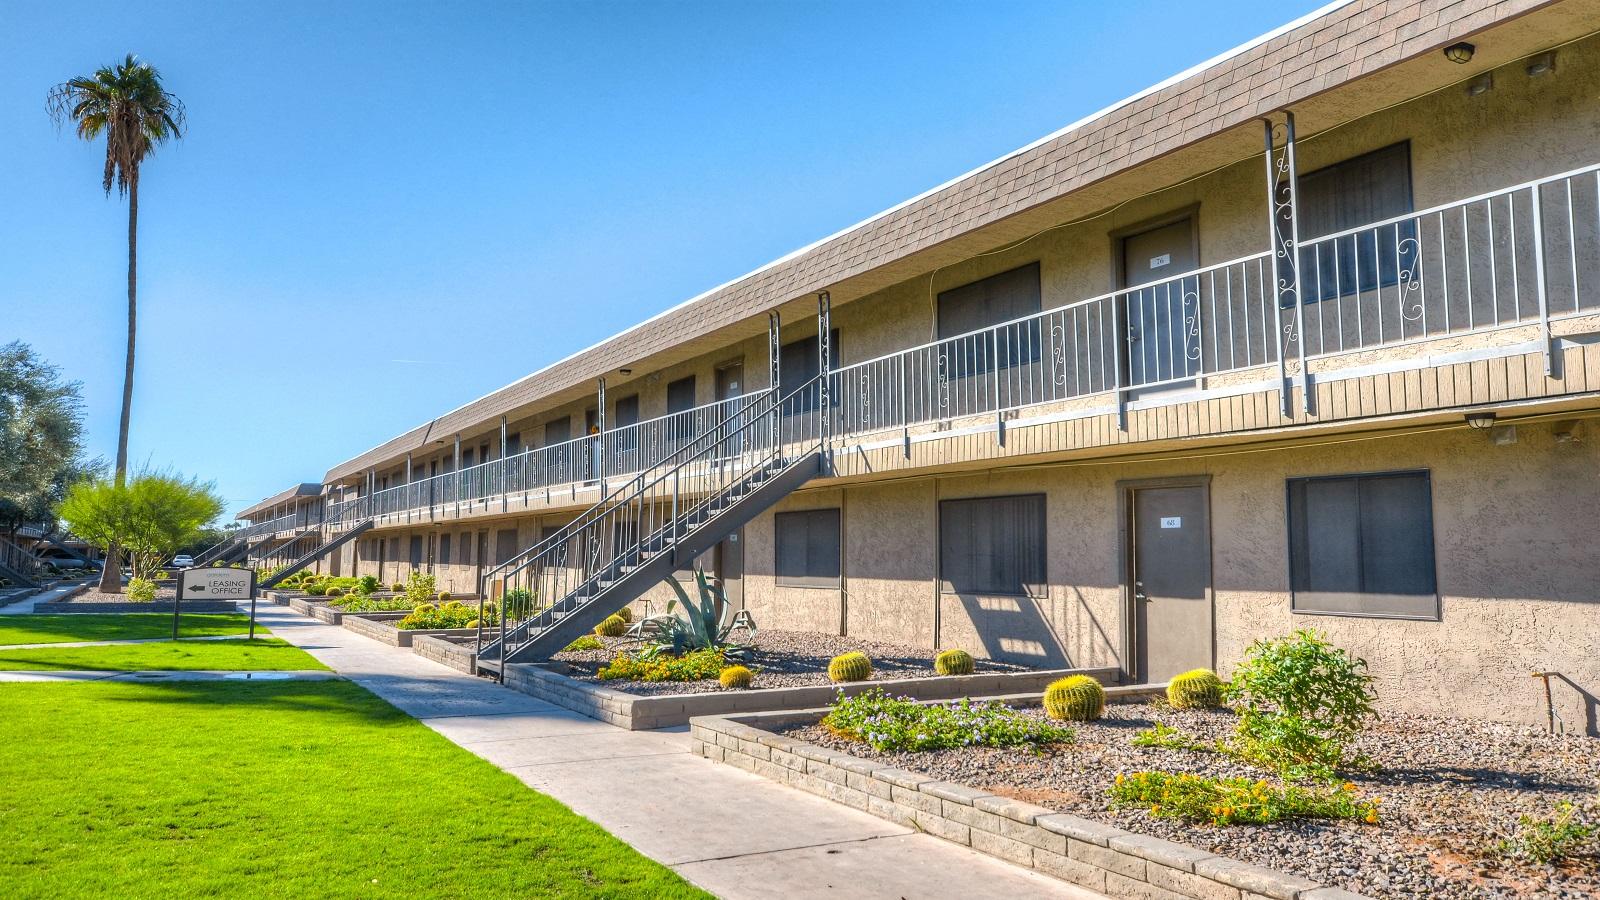 Serrano Gardens Apartments | 1915 East Broadway Road, Mesa, AZ 85204 | 97 Units | Built in 1973, Renovated 2016/17 | $8,825,000 | $90,979 Per Unit | $126.00 Per SF